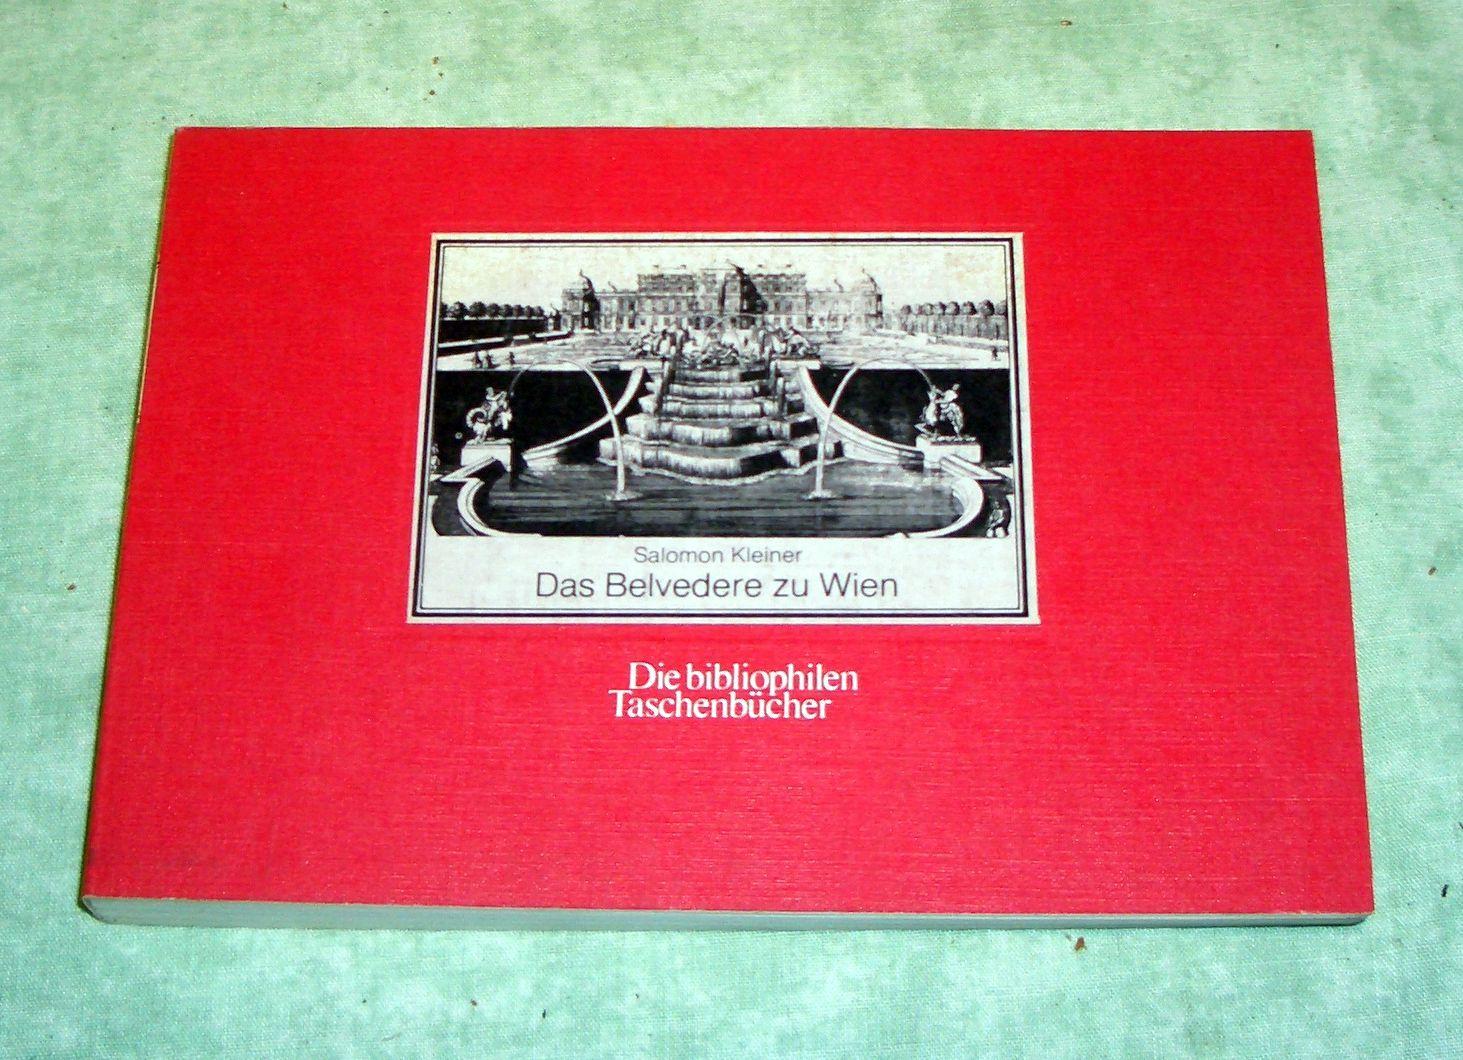 Das Belvedere zu Wien. Nach dem Stichwerk: Wien - Landeskunde